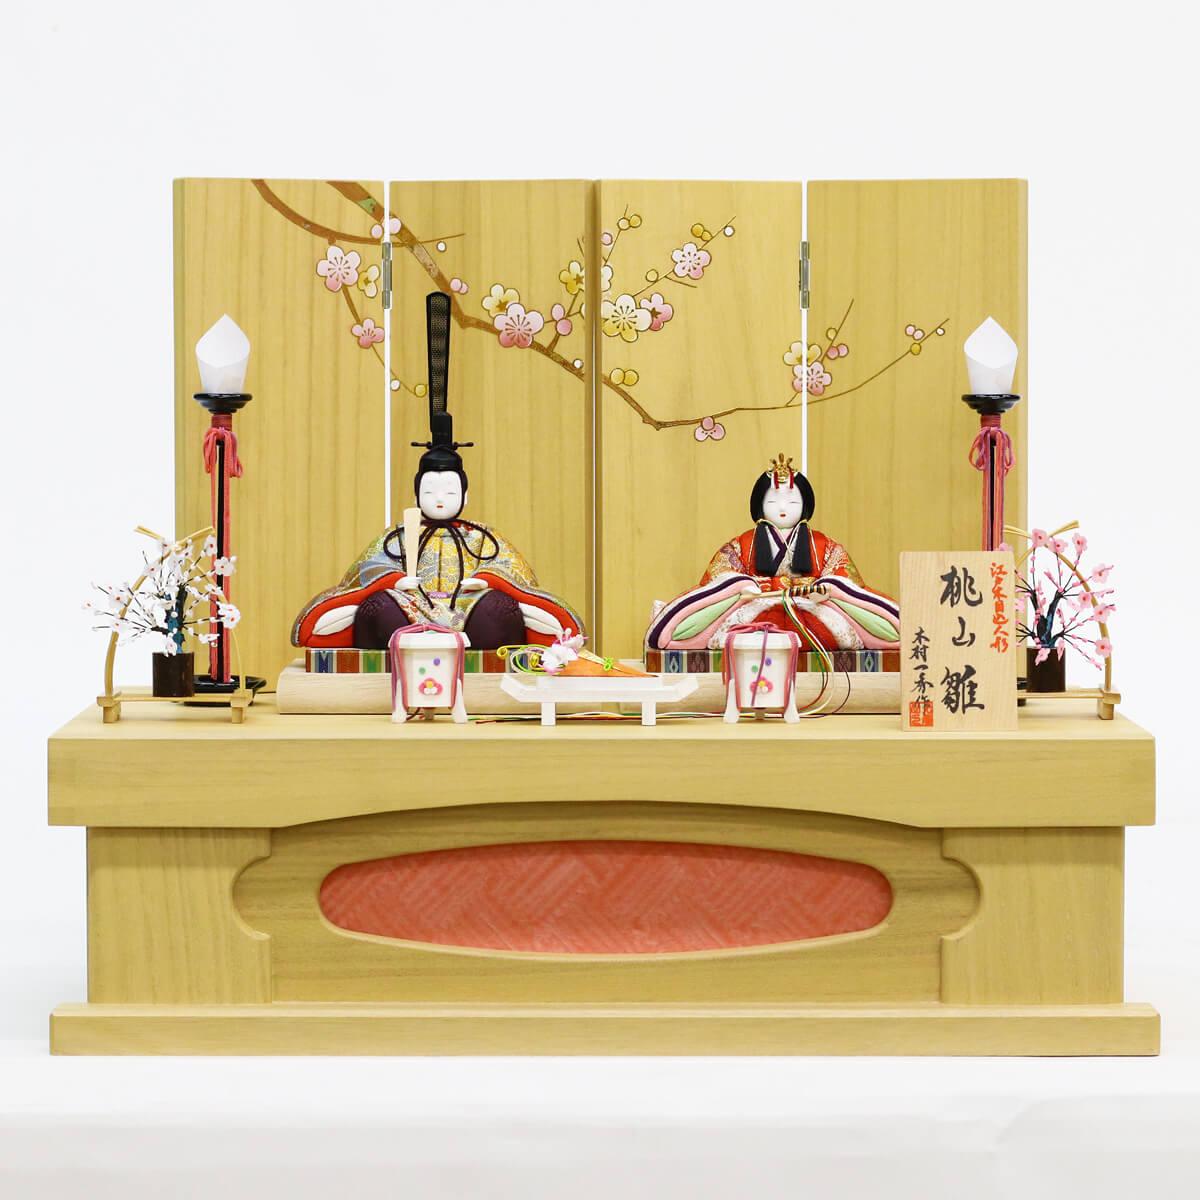 雛人形 一秀 コンパクト 木目込み飾り 親王飾り 桃山雛 150号 桐収納飾り 雛人形 HNIS-H-51ひな人形 かわいい おしゃれ インテリア 雛 木目込人形飾り ひな人形 小さい ミニ [P20]